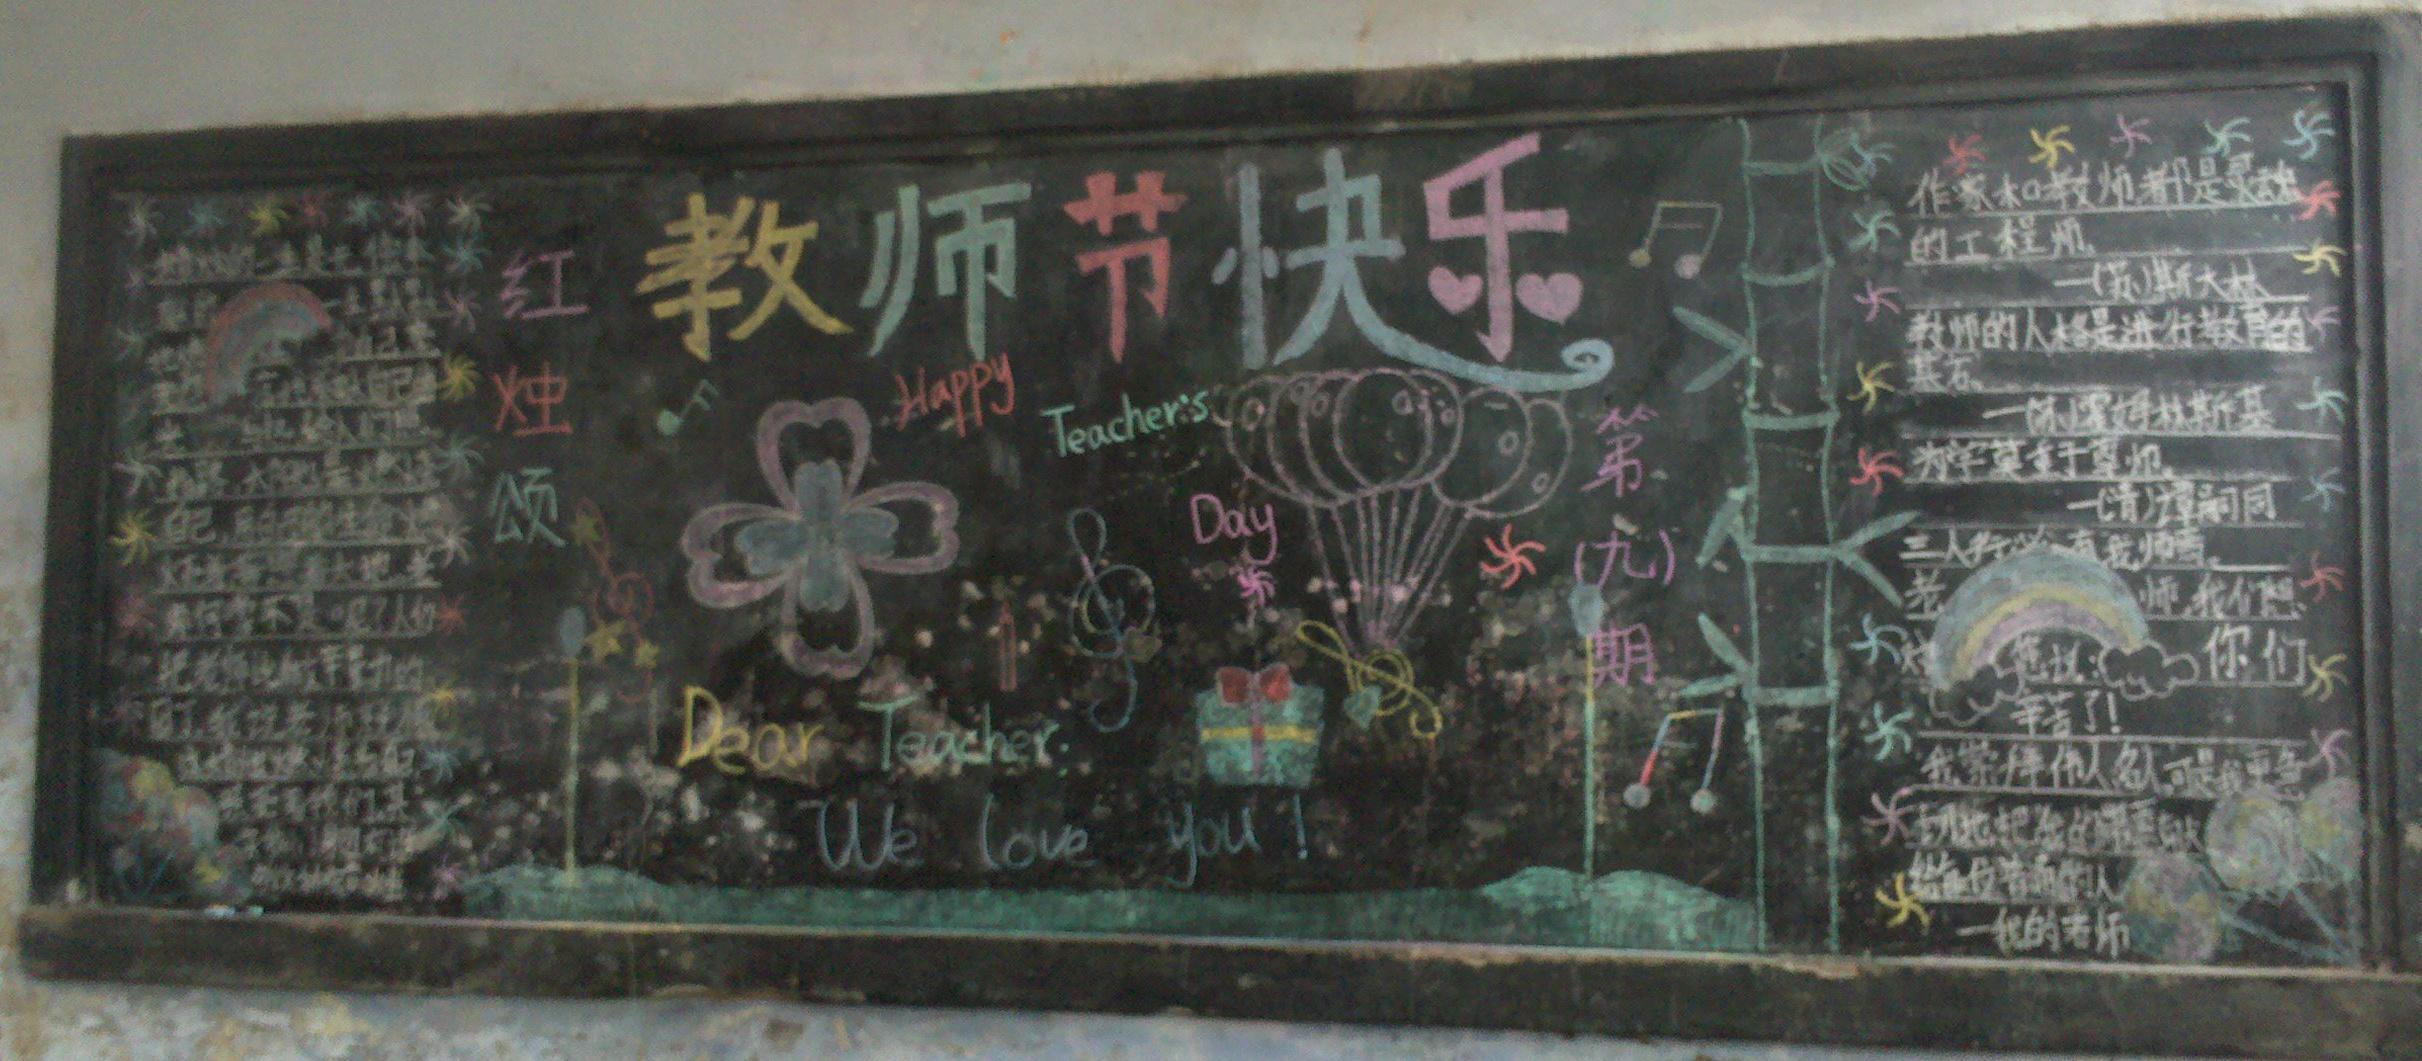 庆祝教师节_镇子初中:举办庆祝教师节黑板报,手抄报比赛